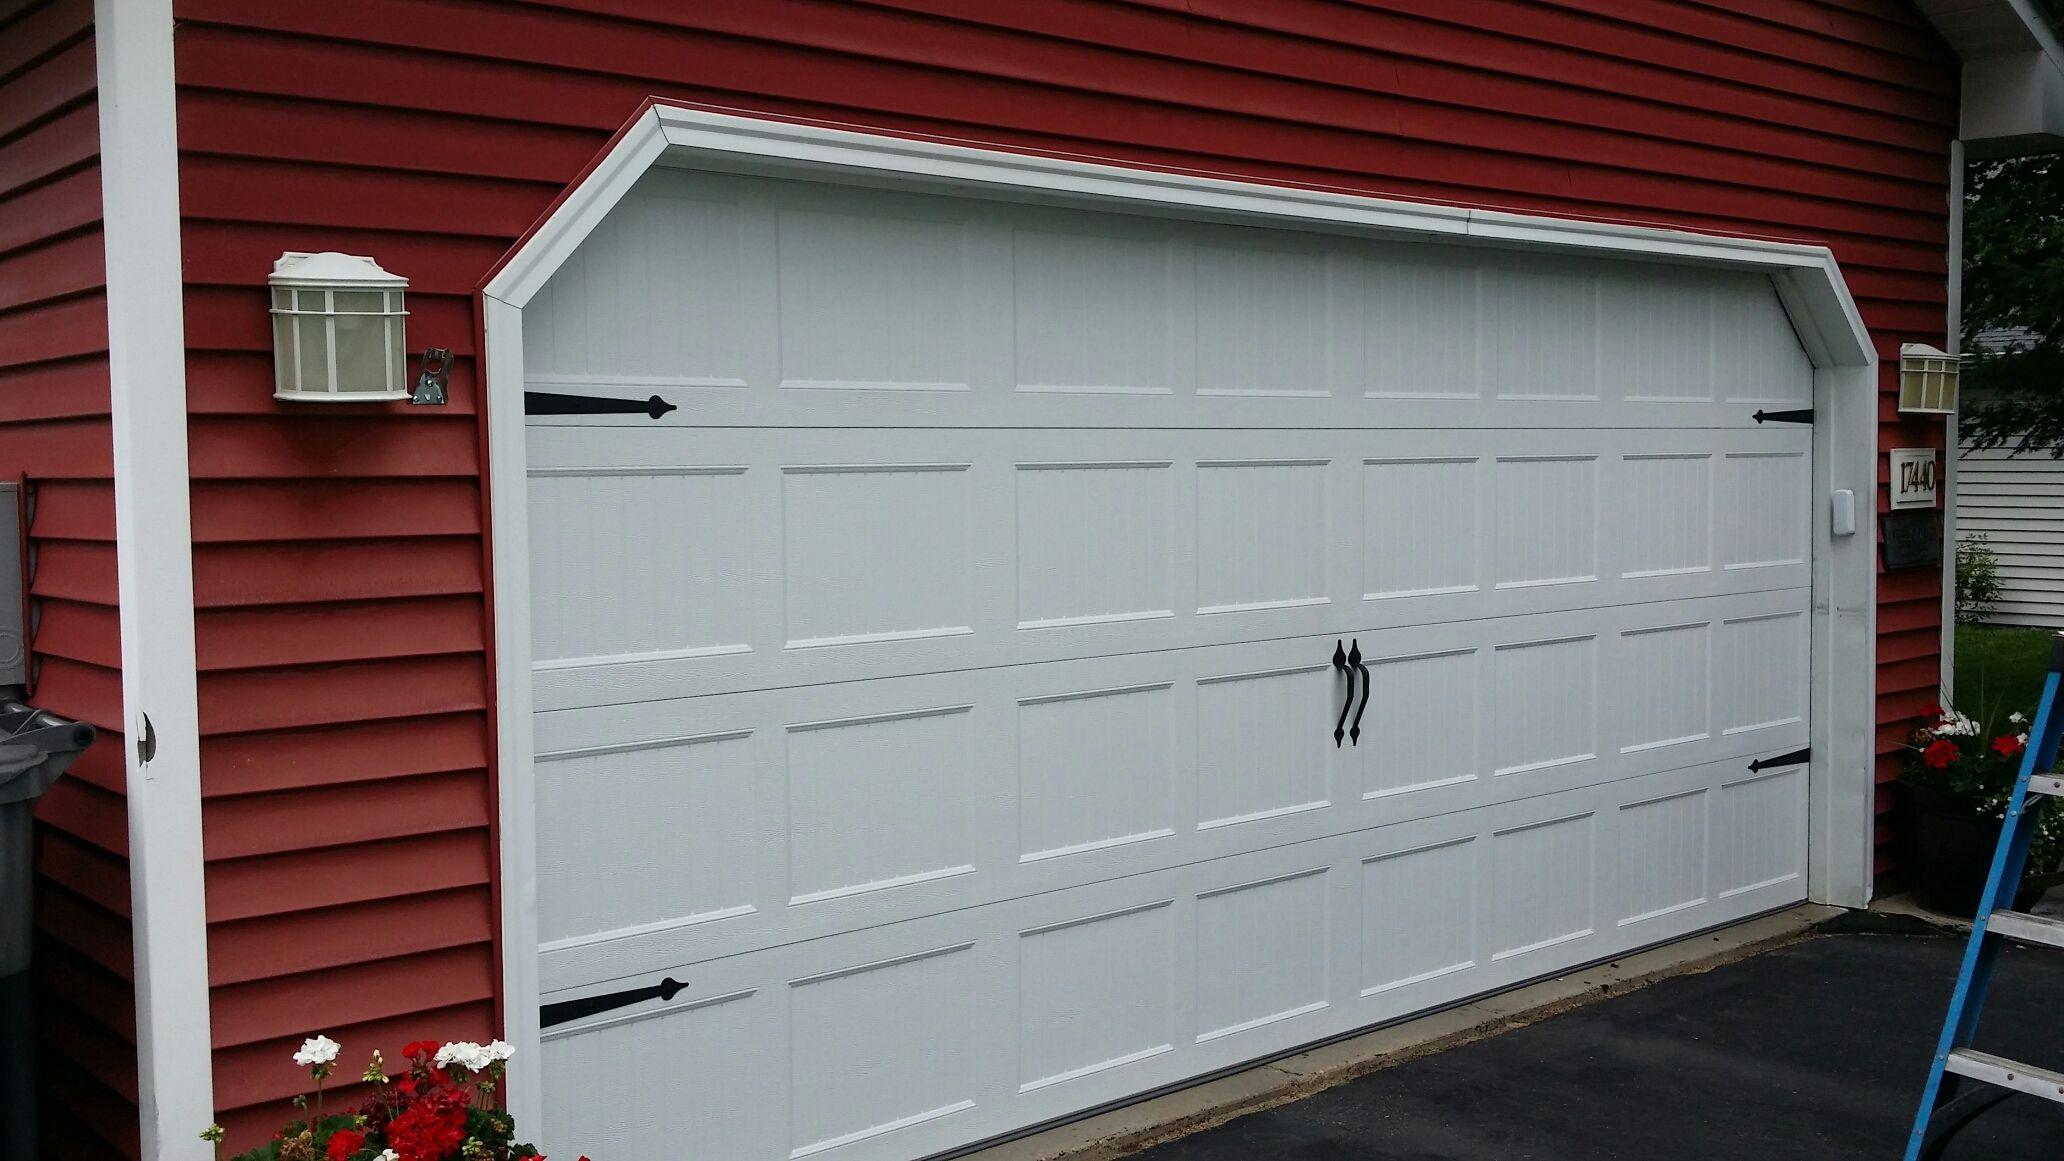 193770 Jpg 2064 1161 Minneapolis St Paul Garage Door Repair Cottage Grove